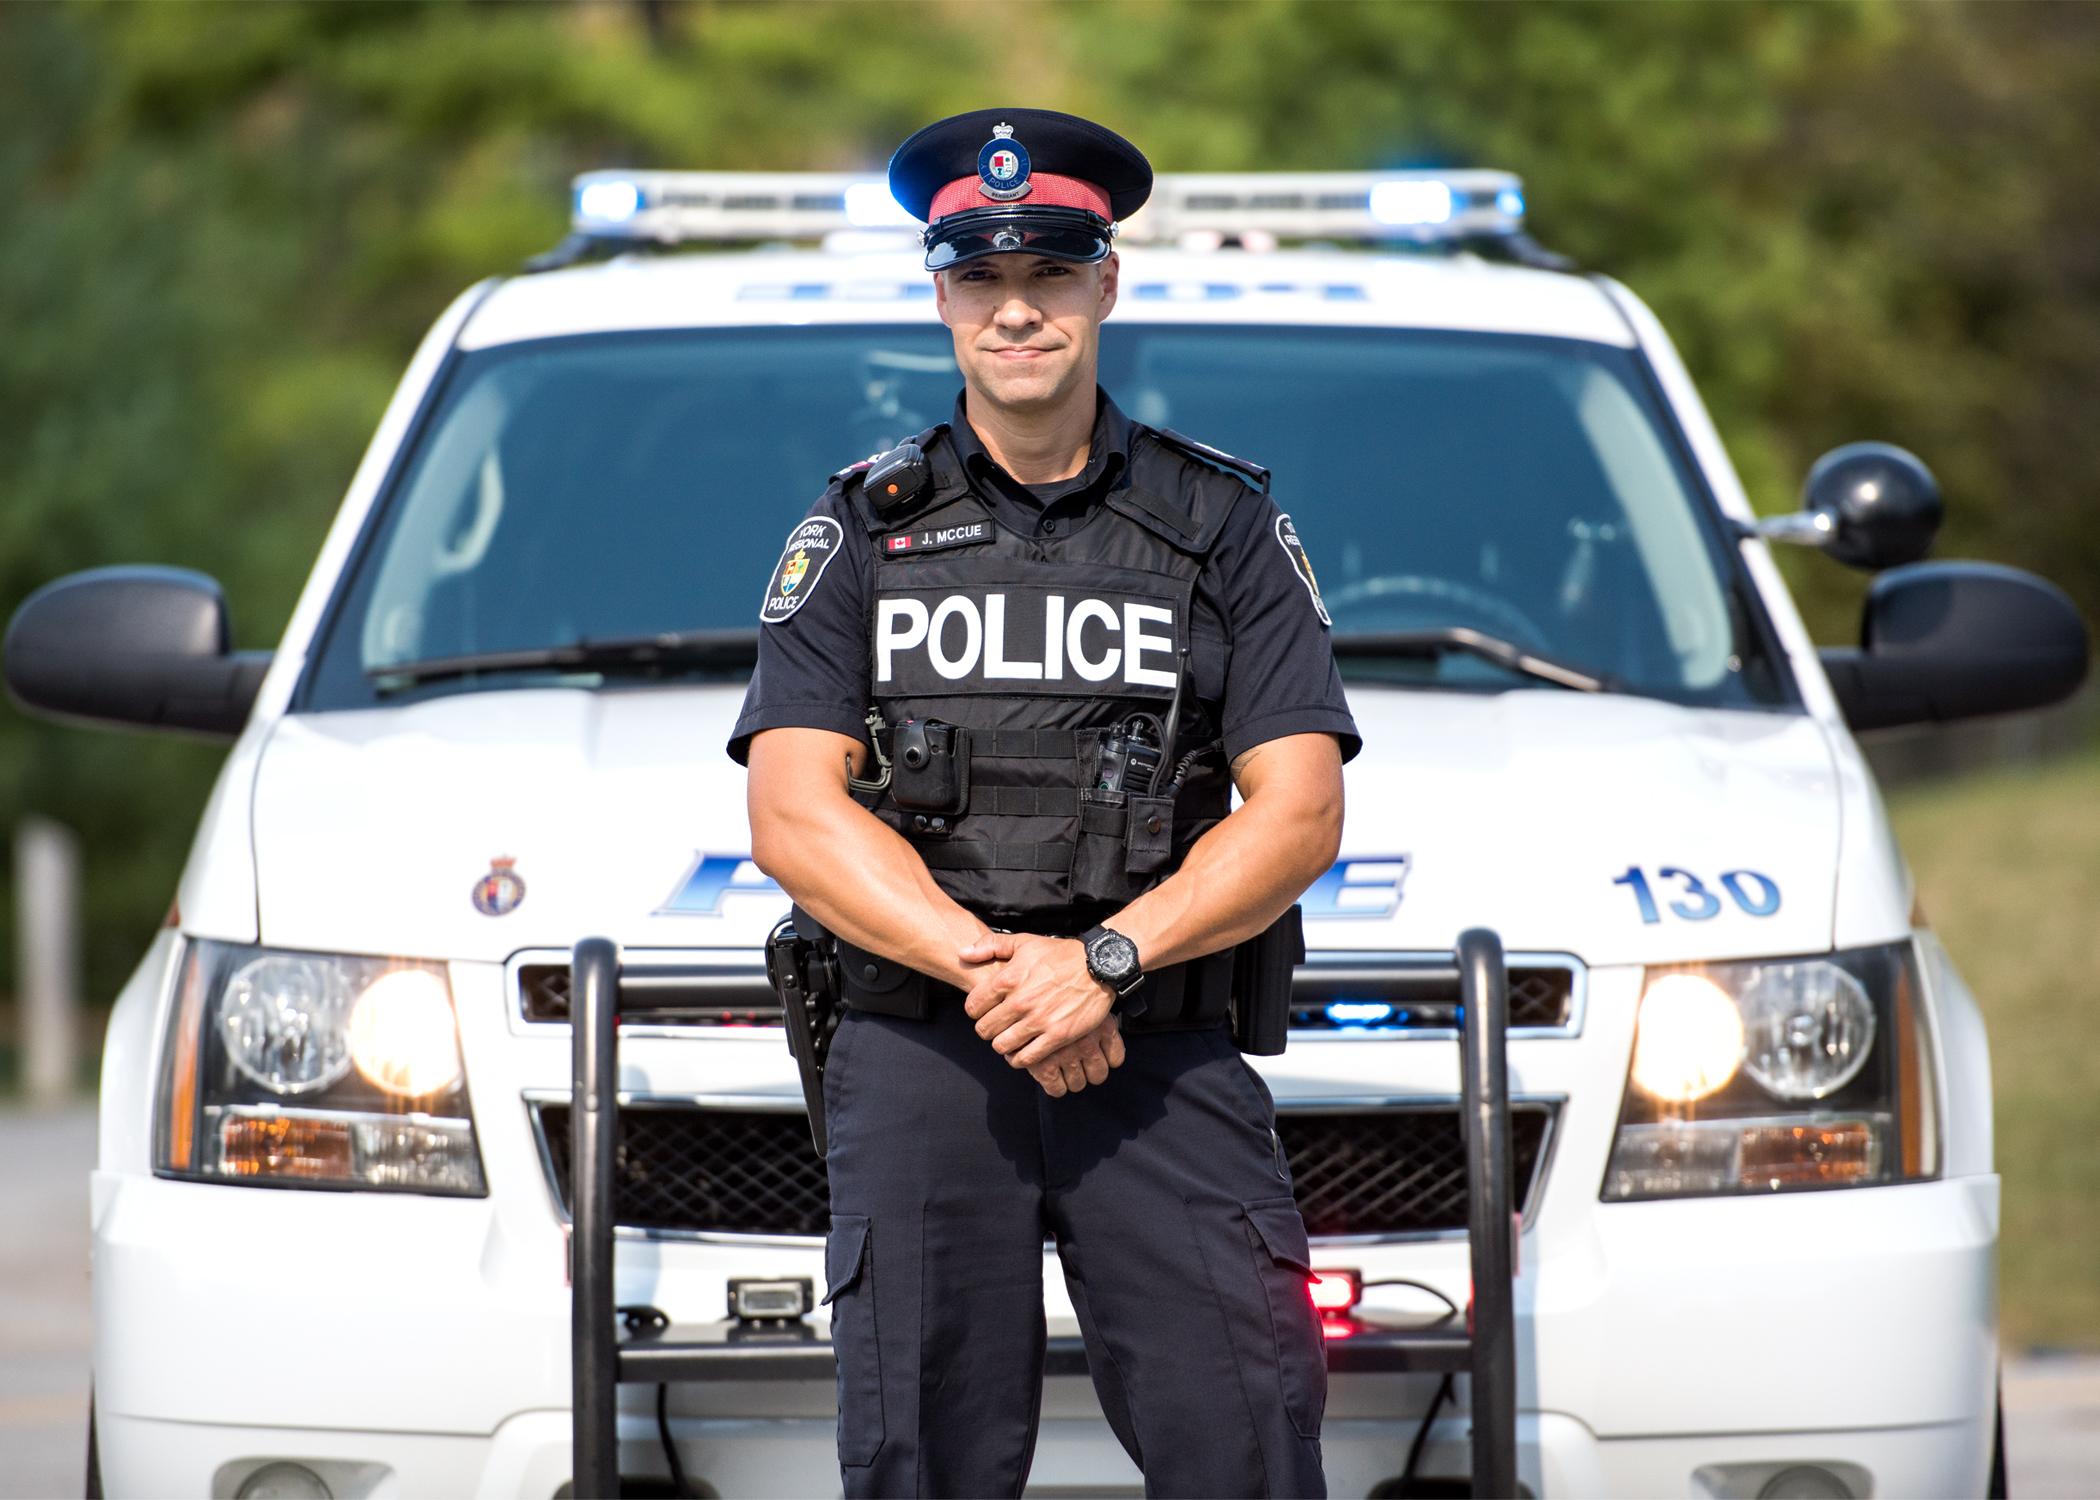 Detective Josh McCue